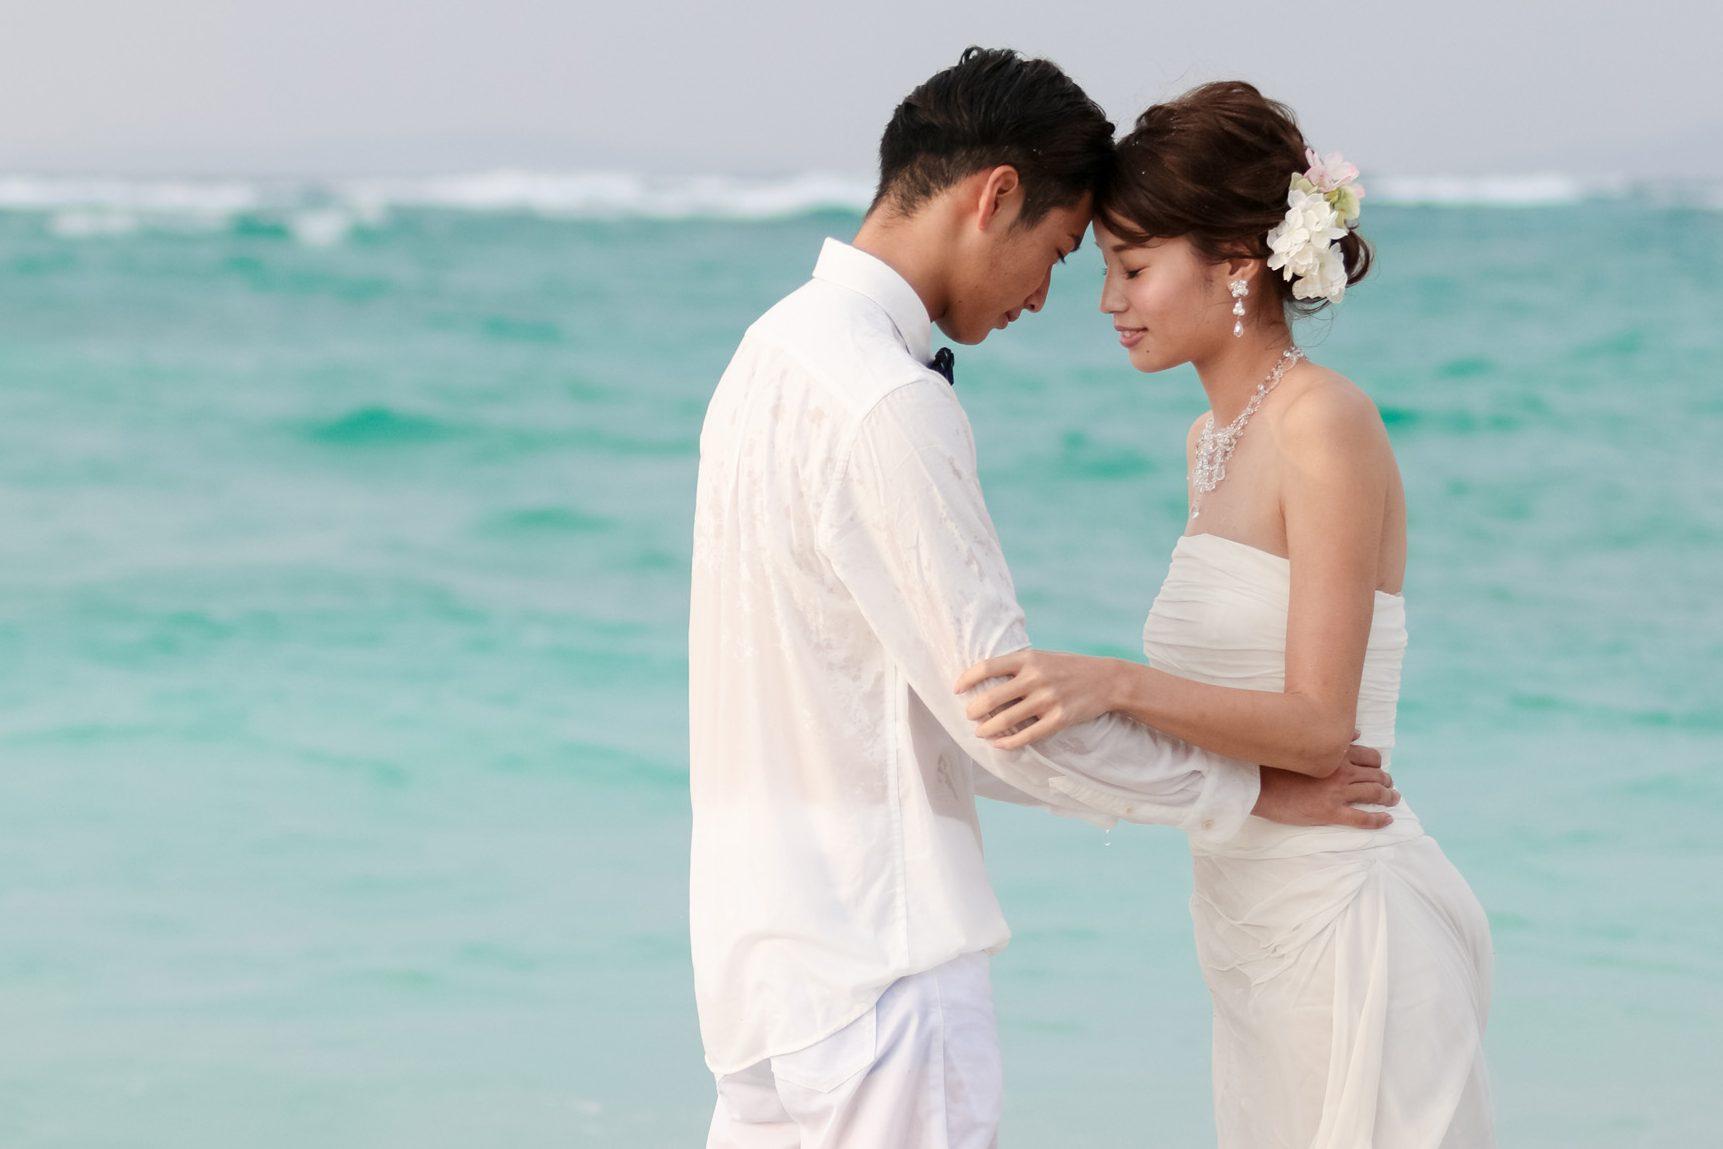 永遠に続く、空と海とふたりの愛